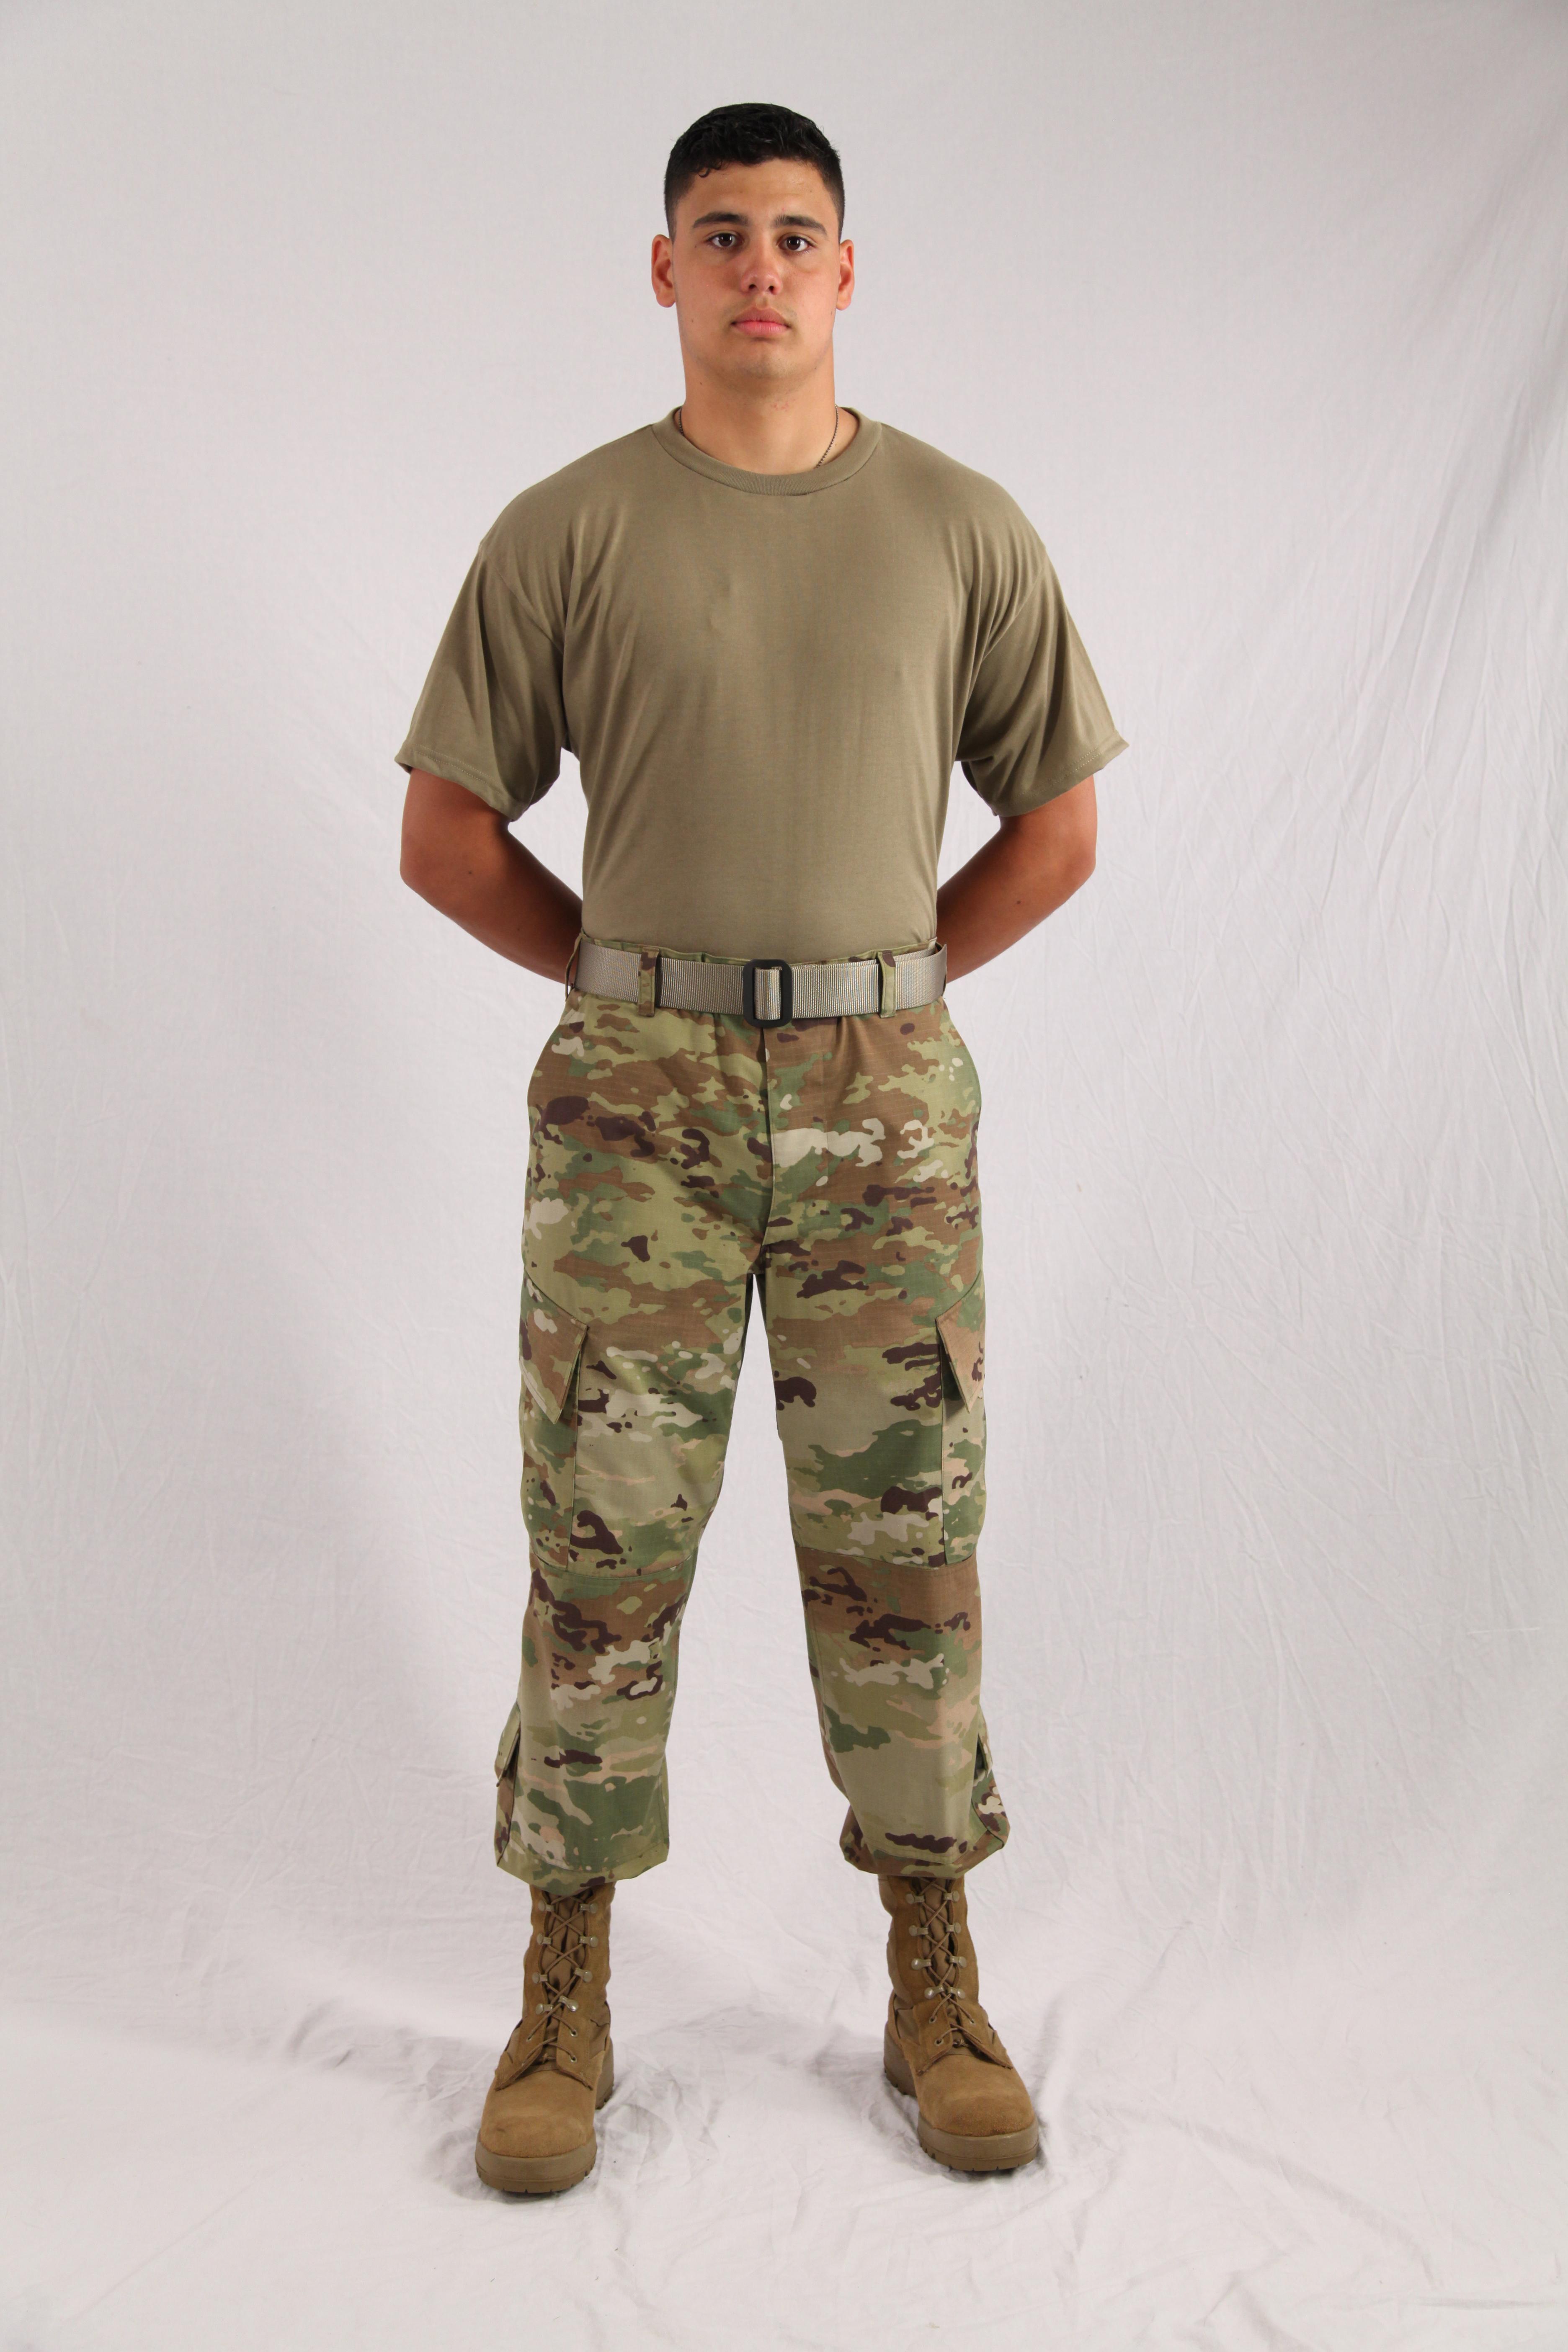 ACU DIGITAL CAMO ARMY MENS COMBAT UNIFORM SHIRT